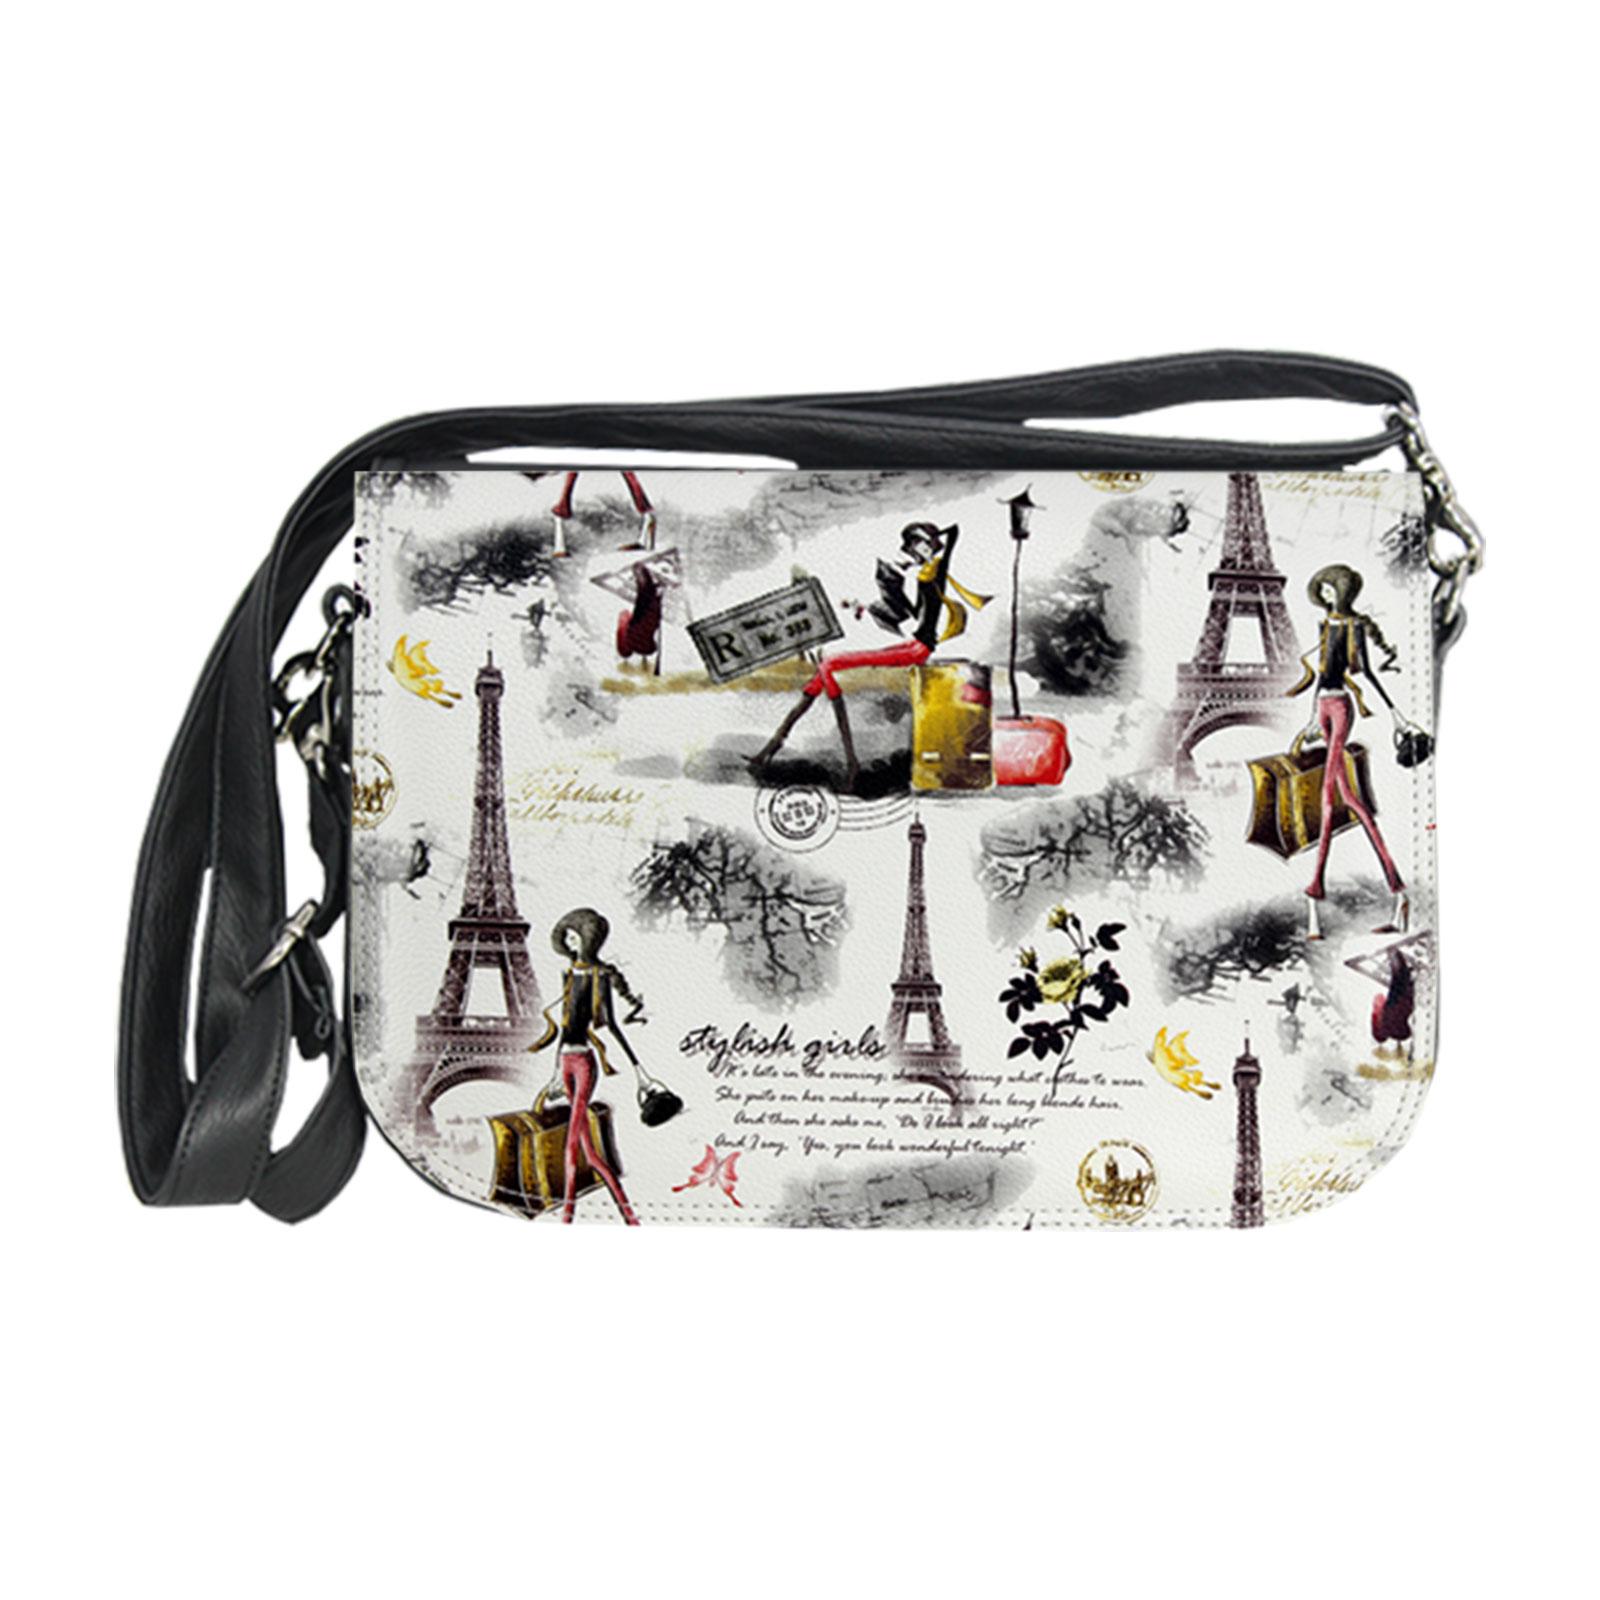 stylishe Handtasche mit Fotodruckelementen